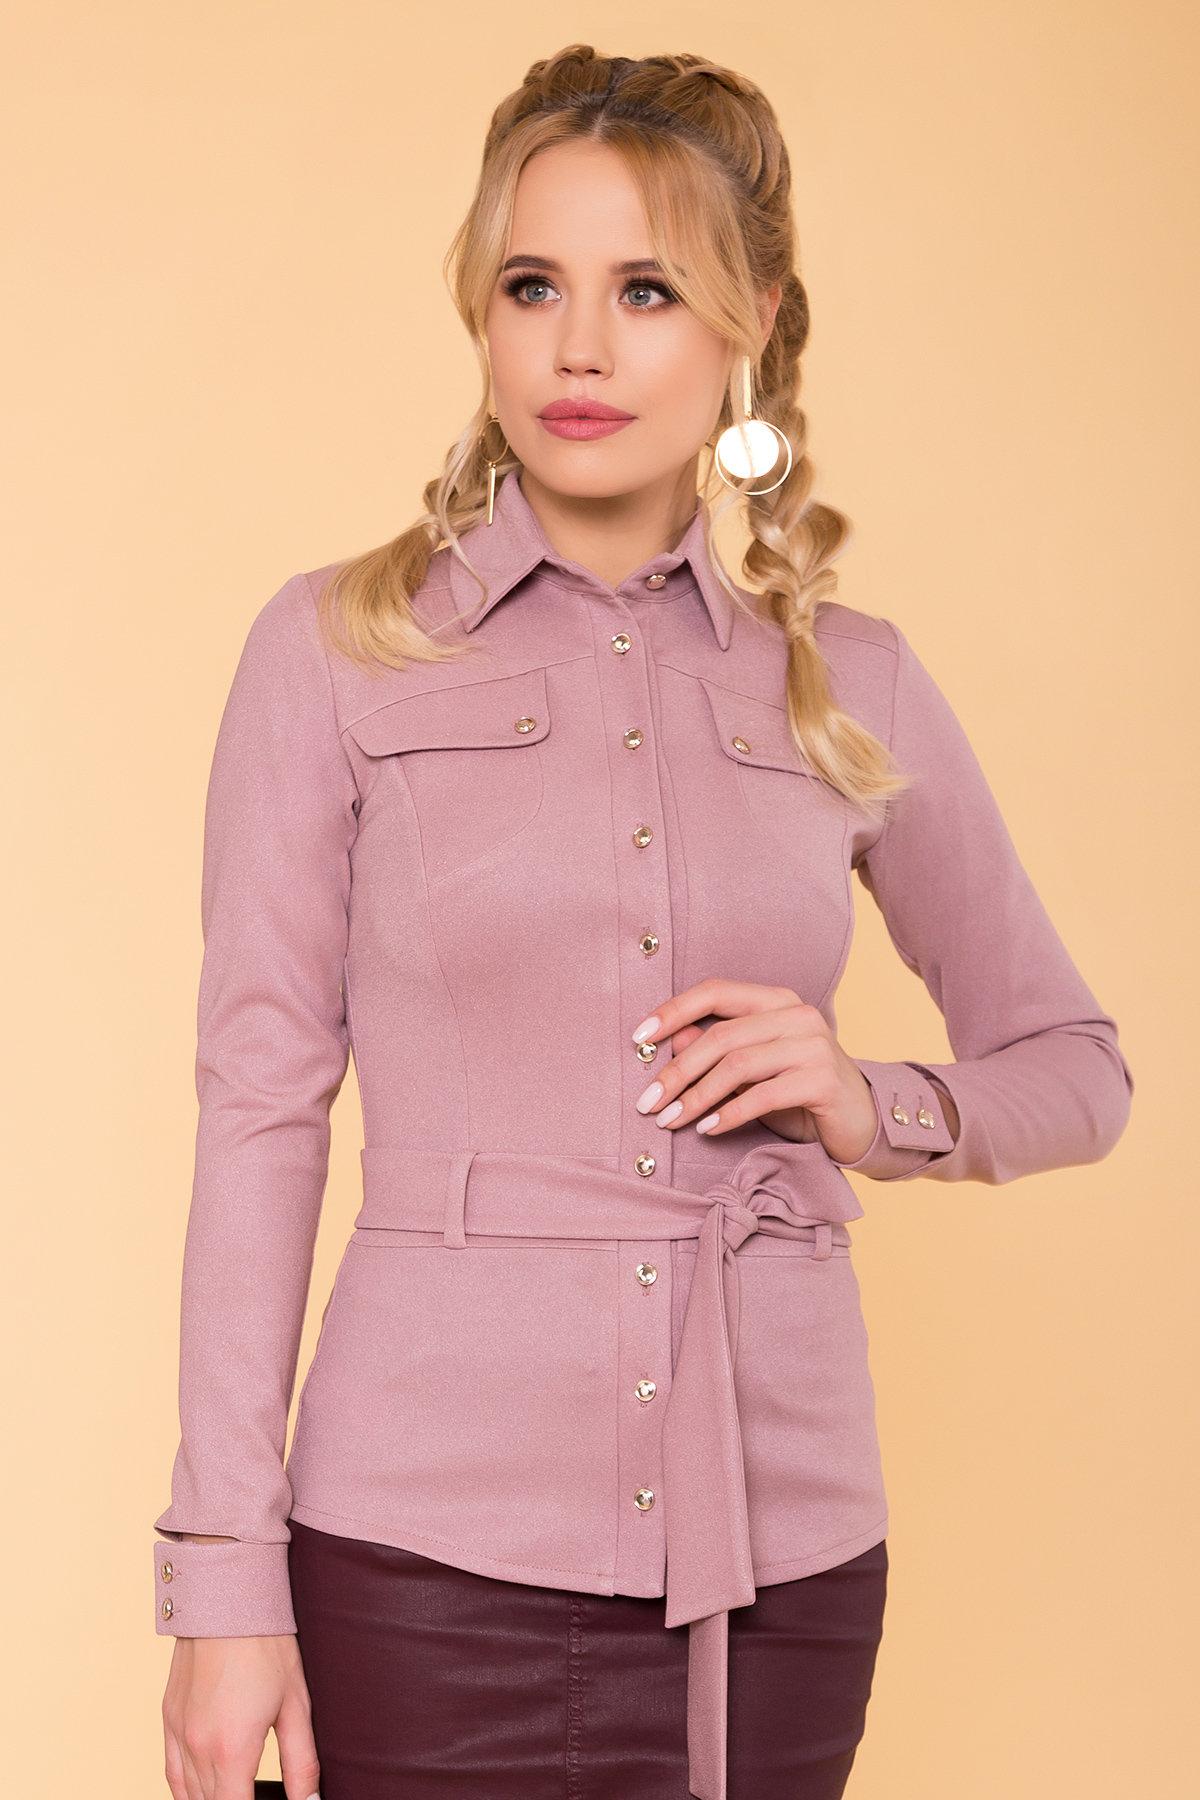 Повседневная рубашка из трикотажа Соня 6116 АРТ. 40842 Цвет: Чайная роза - фото 3, интернет магазин tm-modus.ru